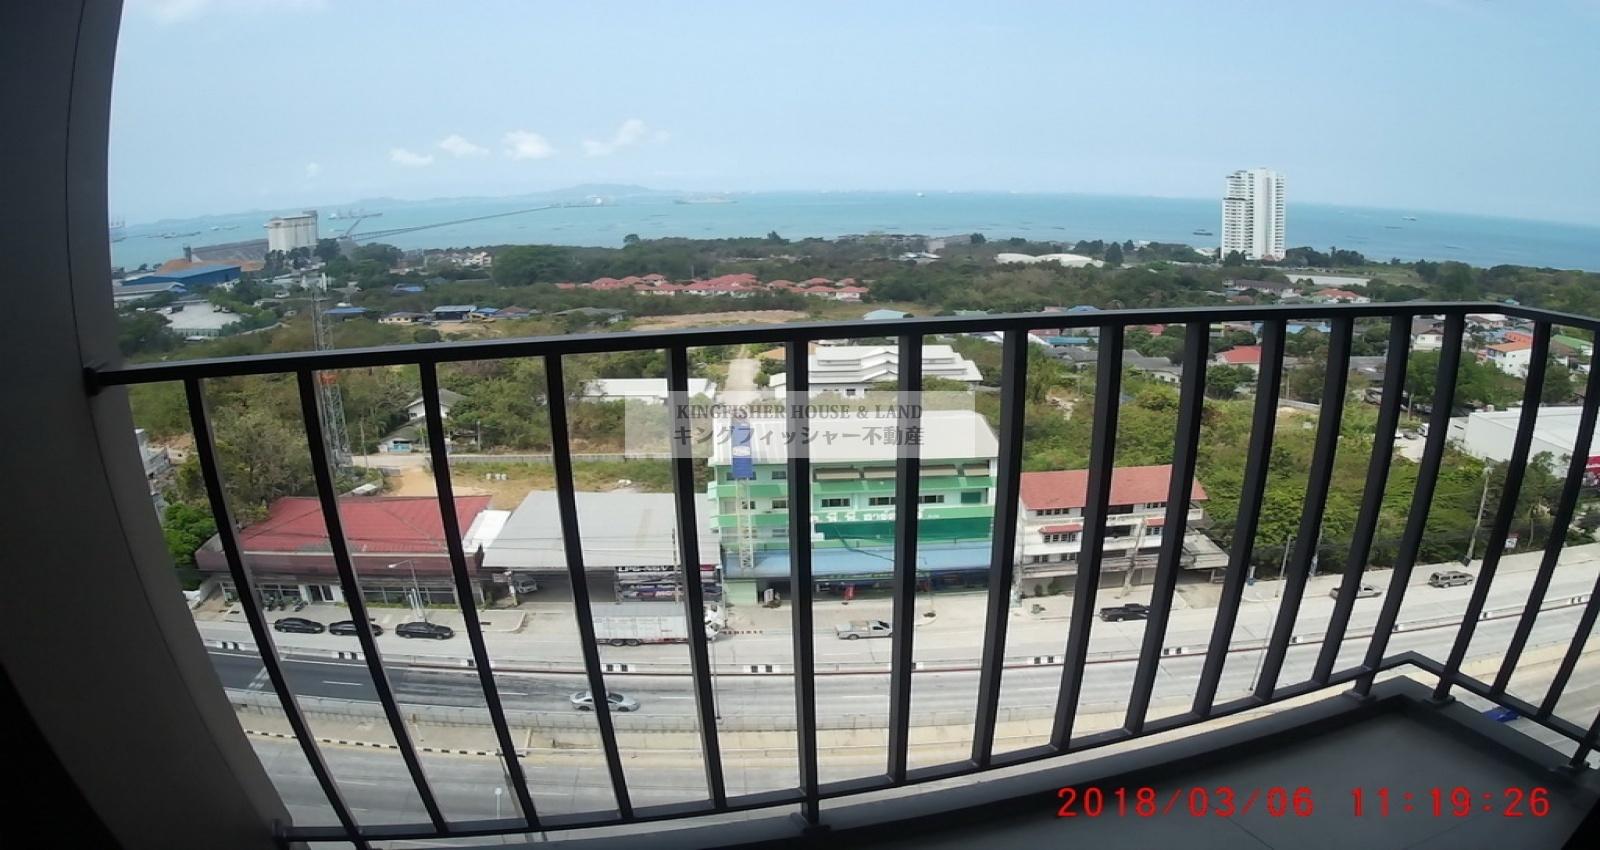 1 Bedrooms, Condominium, For Rent, 1 Bathrooms, Listing ID 1220, Sriracha, Thailand, 20110,